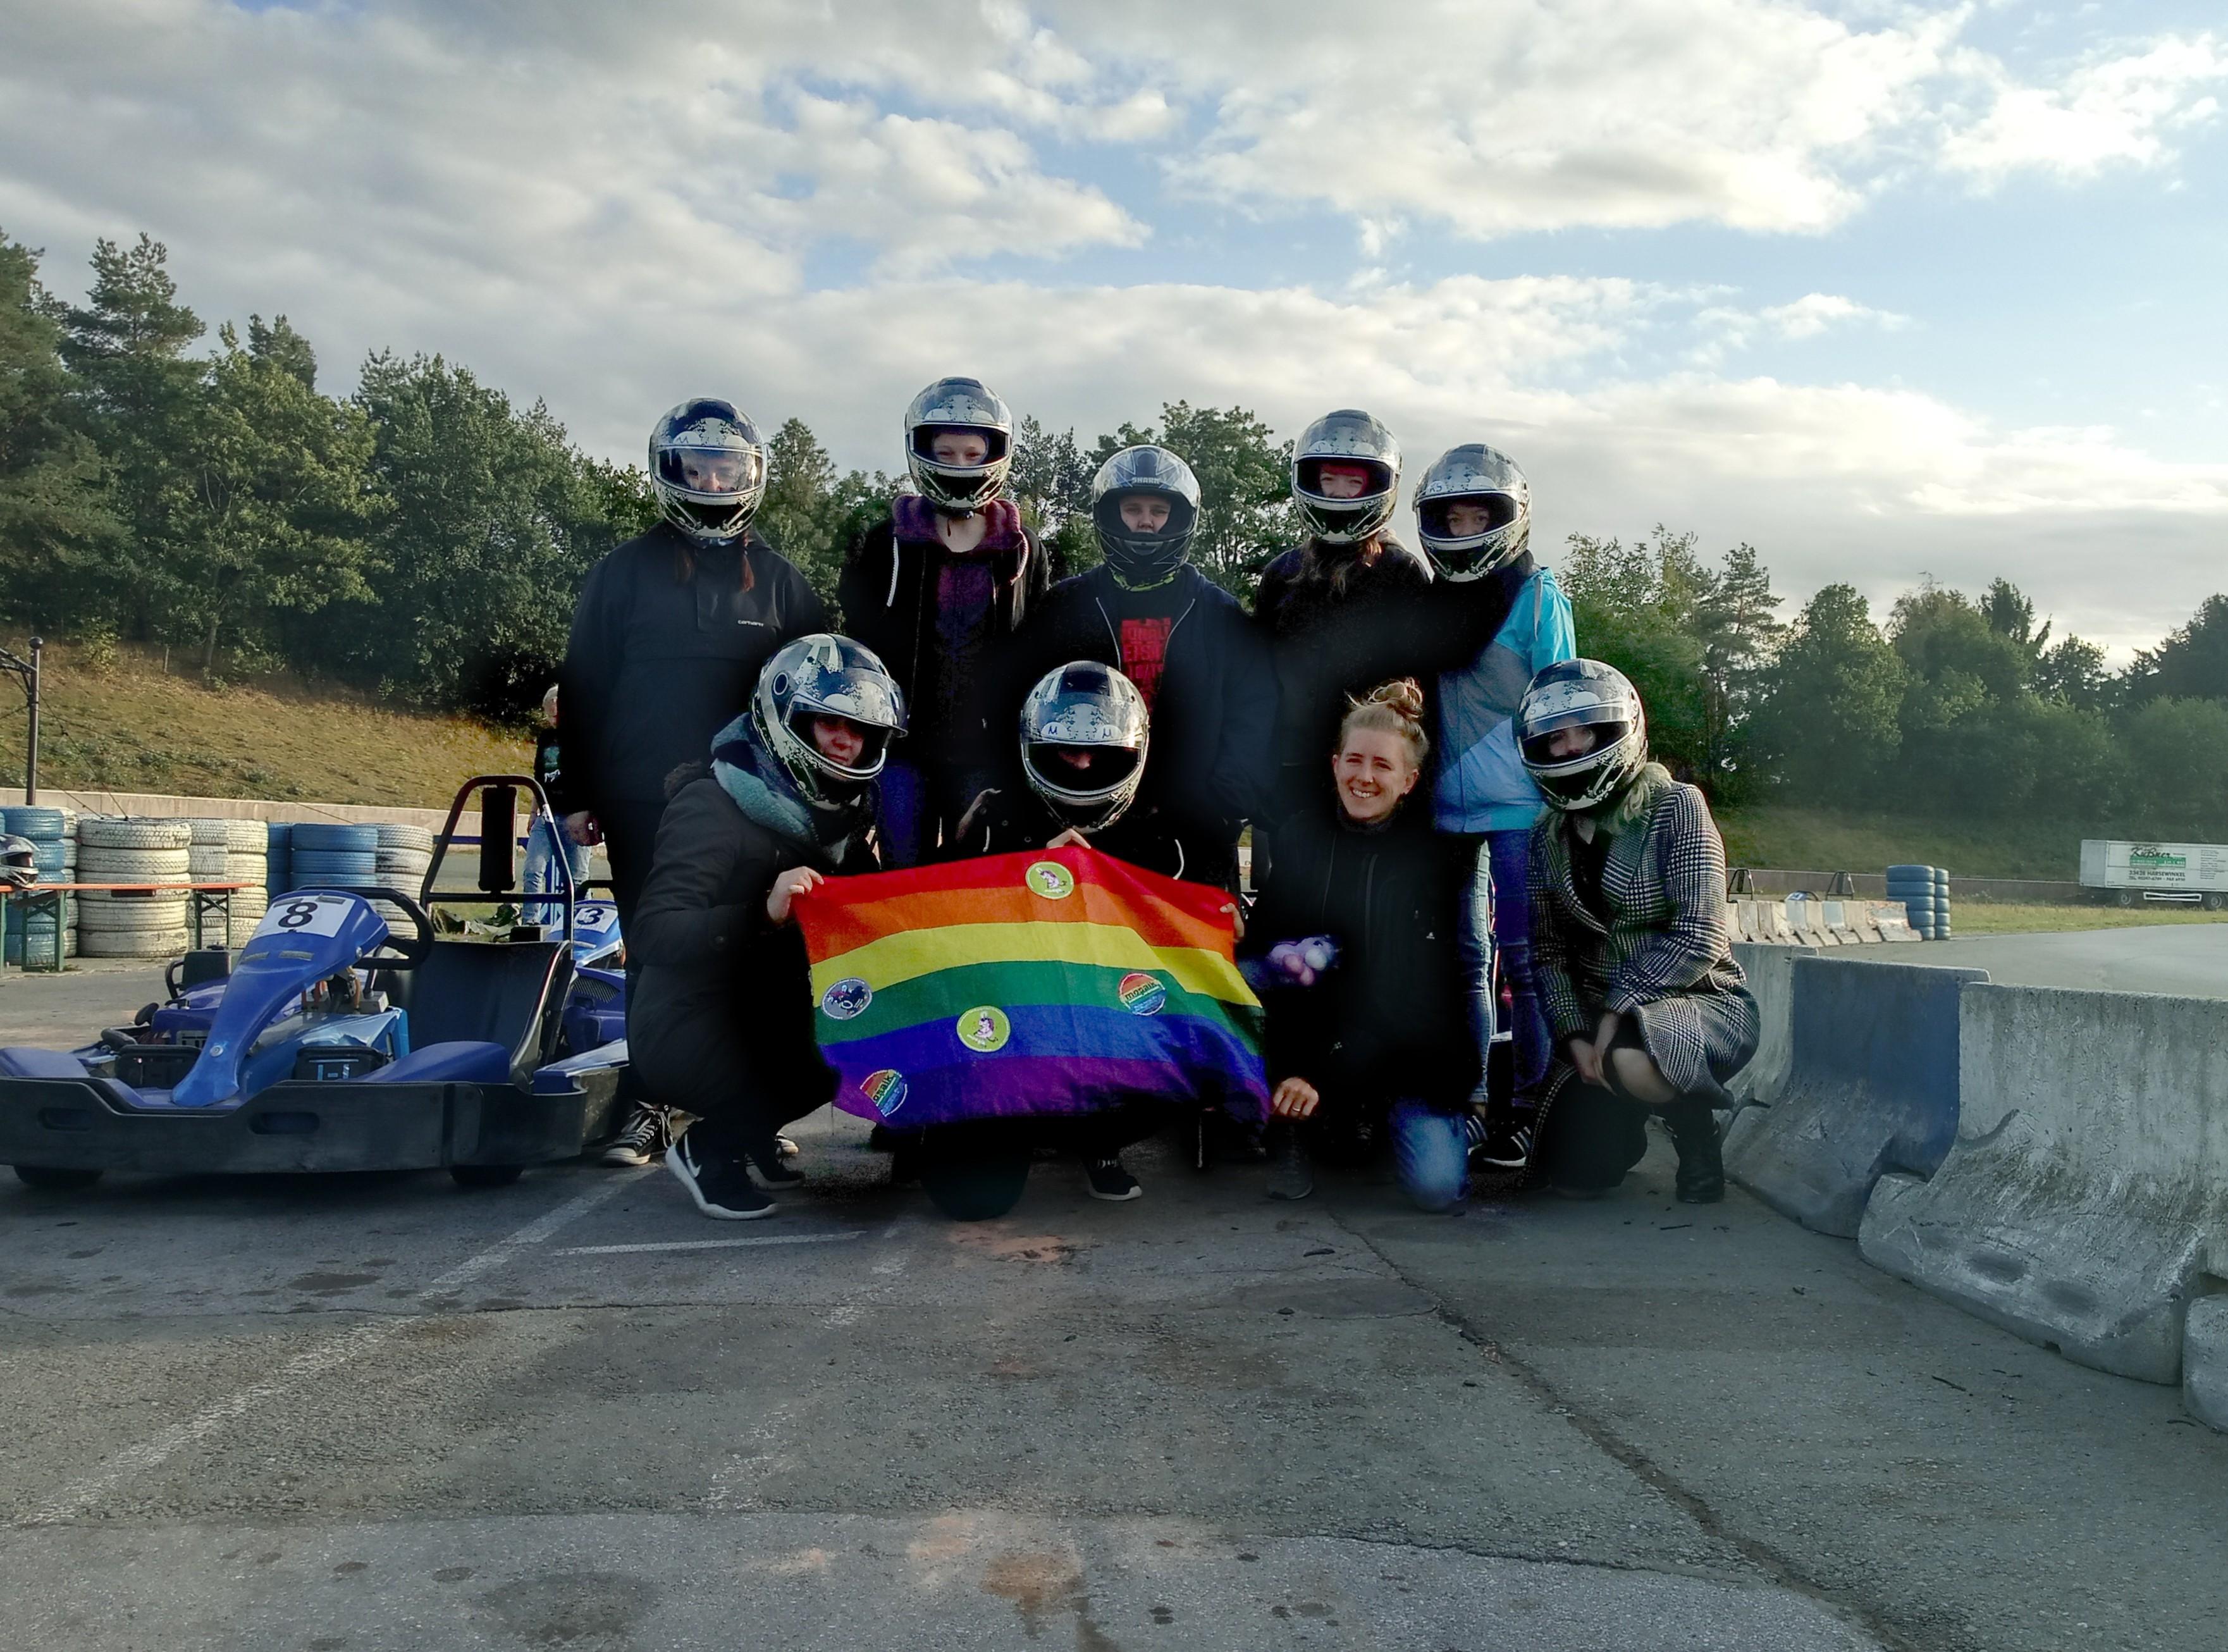 Das Bild zeigt neun Jugendliche. Acht tragen dabei einen Helm. Neben ihnen steht ein Go-Kart und sie halten eine Regenbogenflagge in der Hand